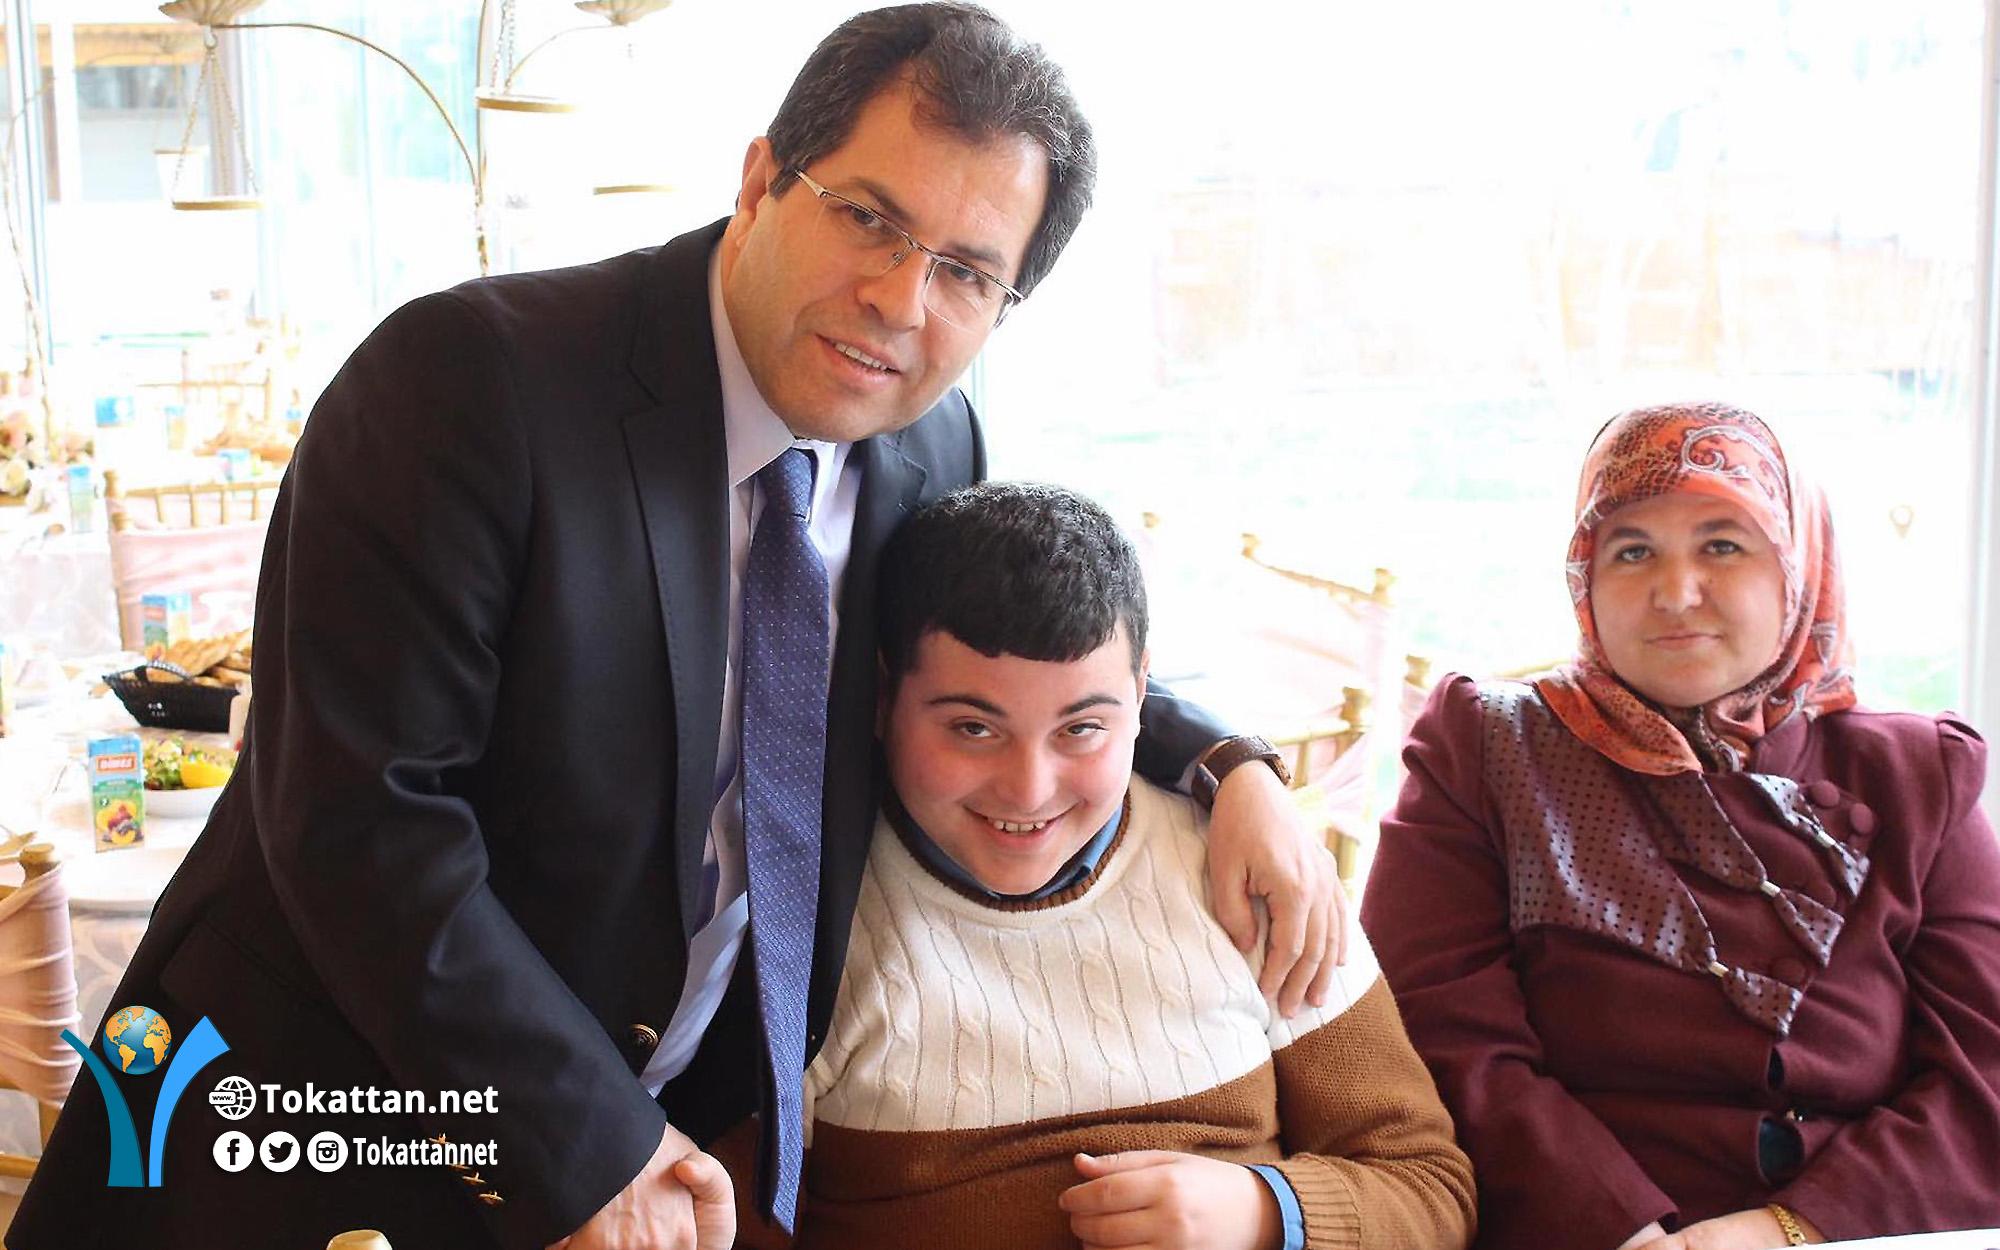 Tokattan.net | Coşkun ÇAKIR, 2017 Yılındaki Sosyal Yardımları Paylaştı